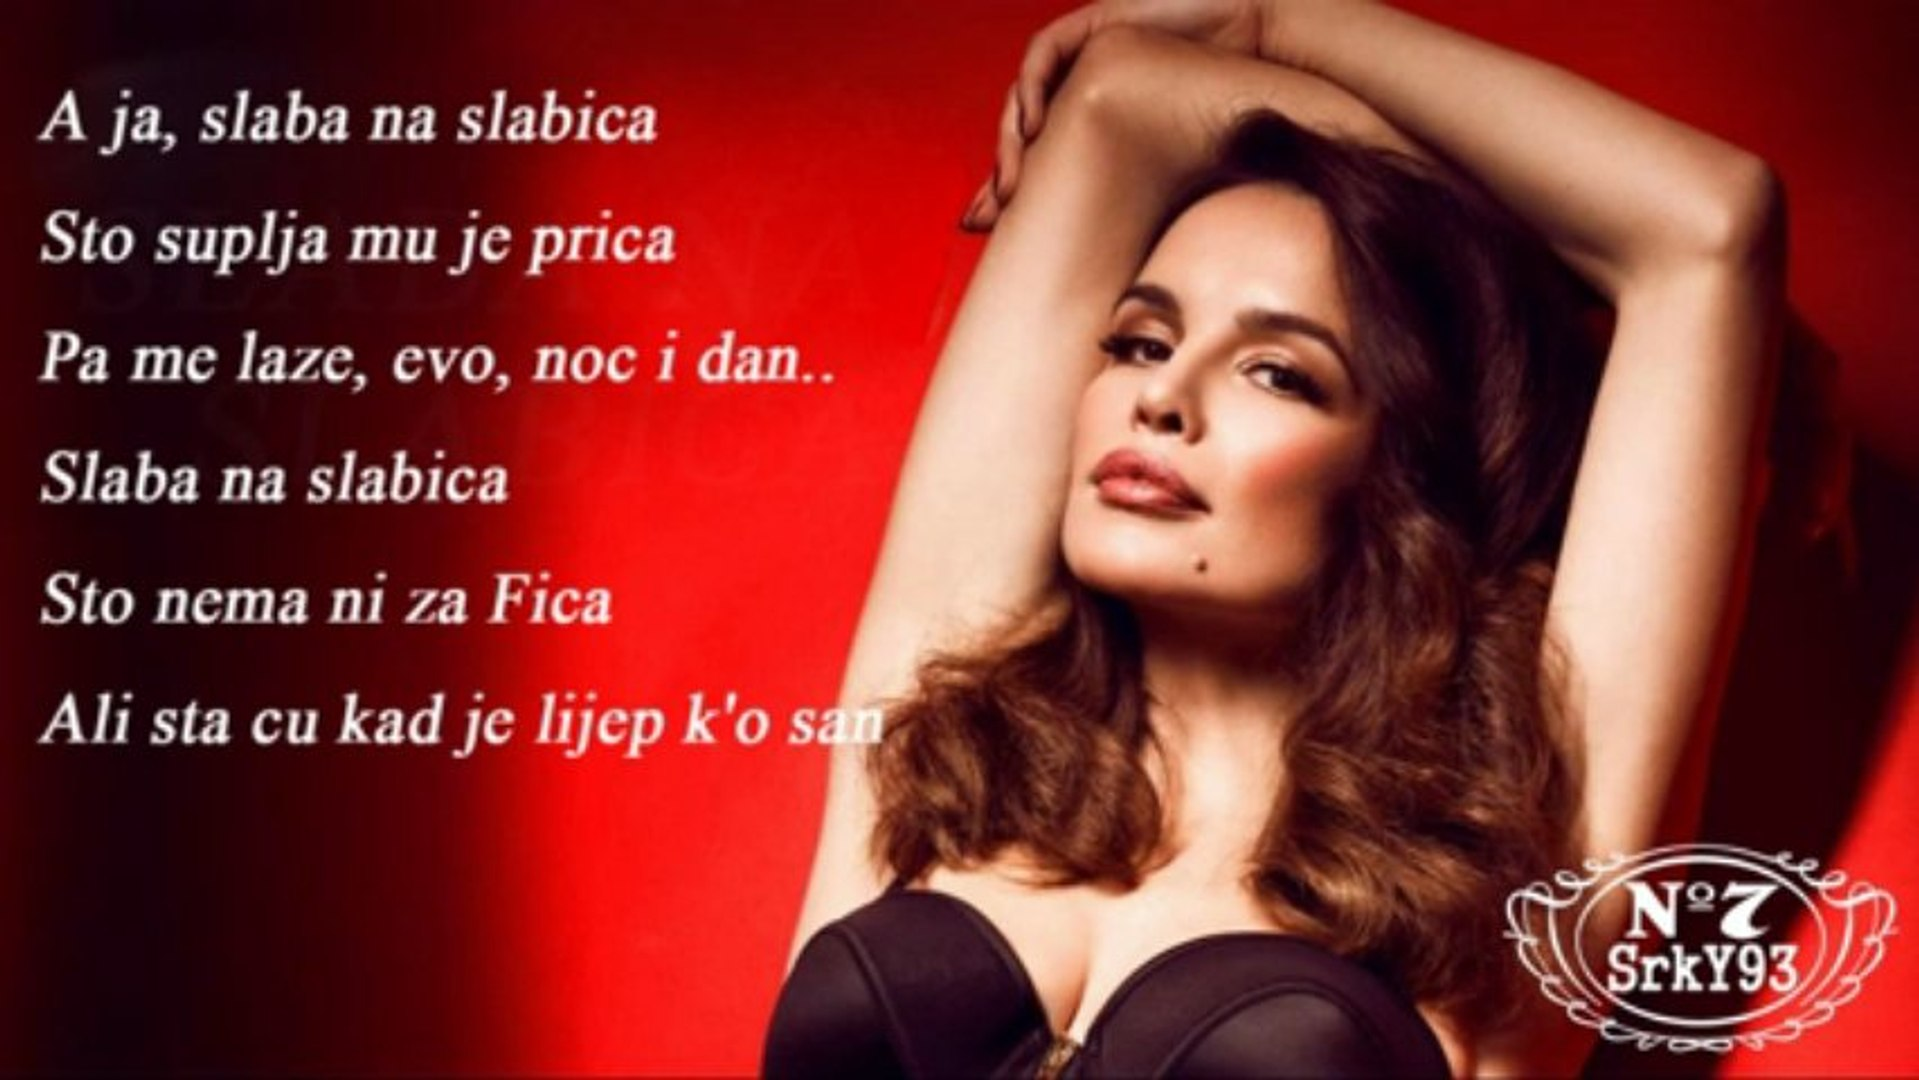 Severina - 2013 - 06 - Slaba na slabica + Tekst